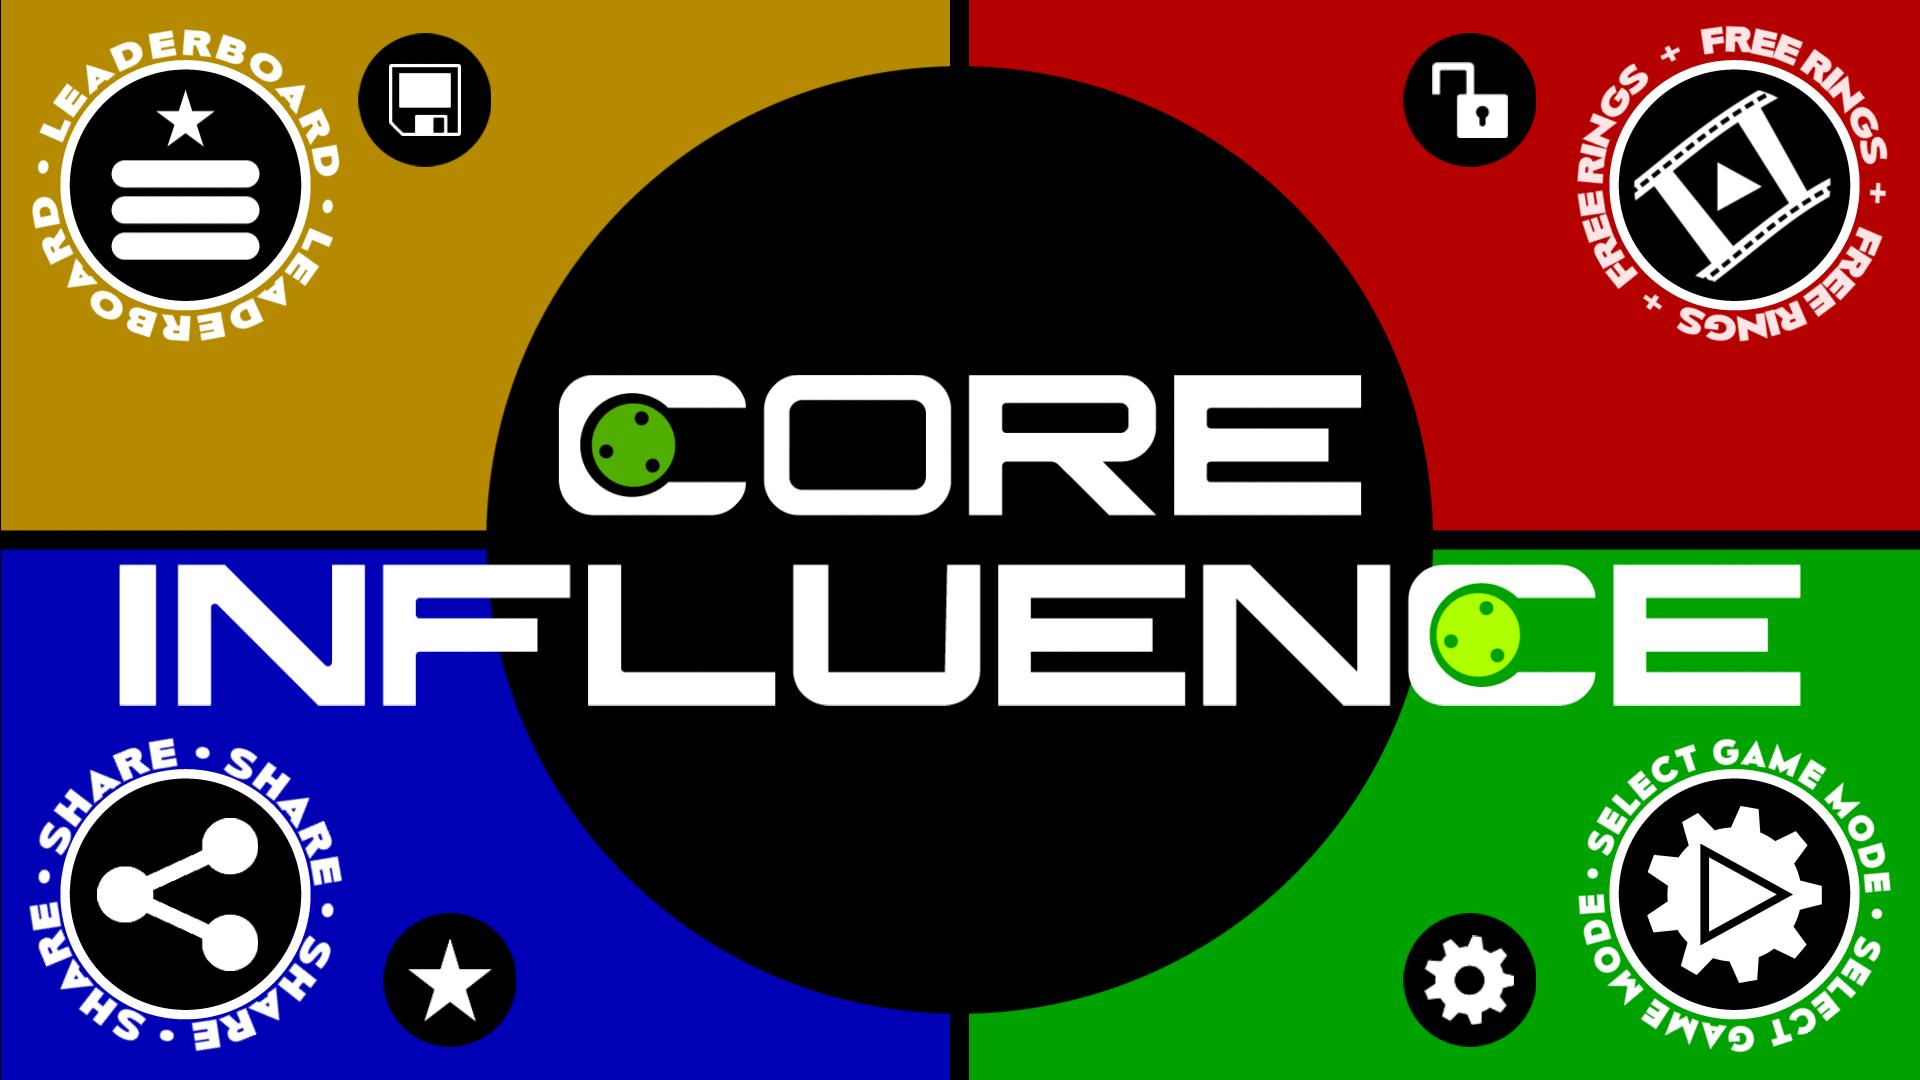 CoreInfluence_Titlescreen_1920x1080_20161126.png